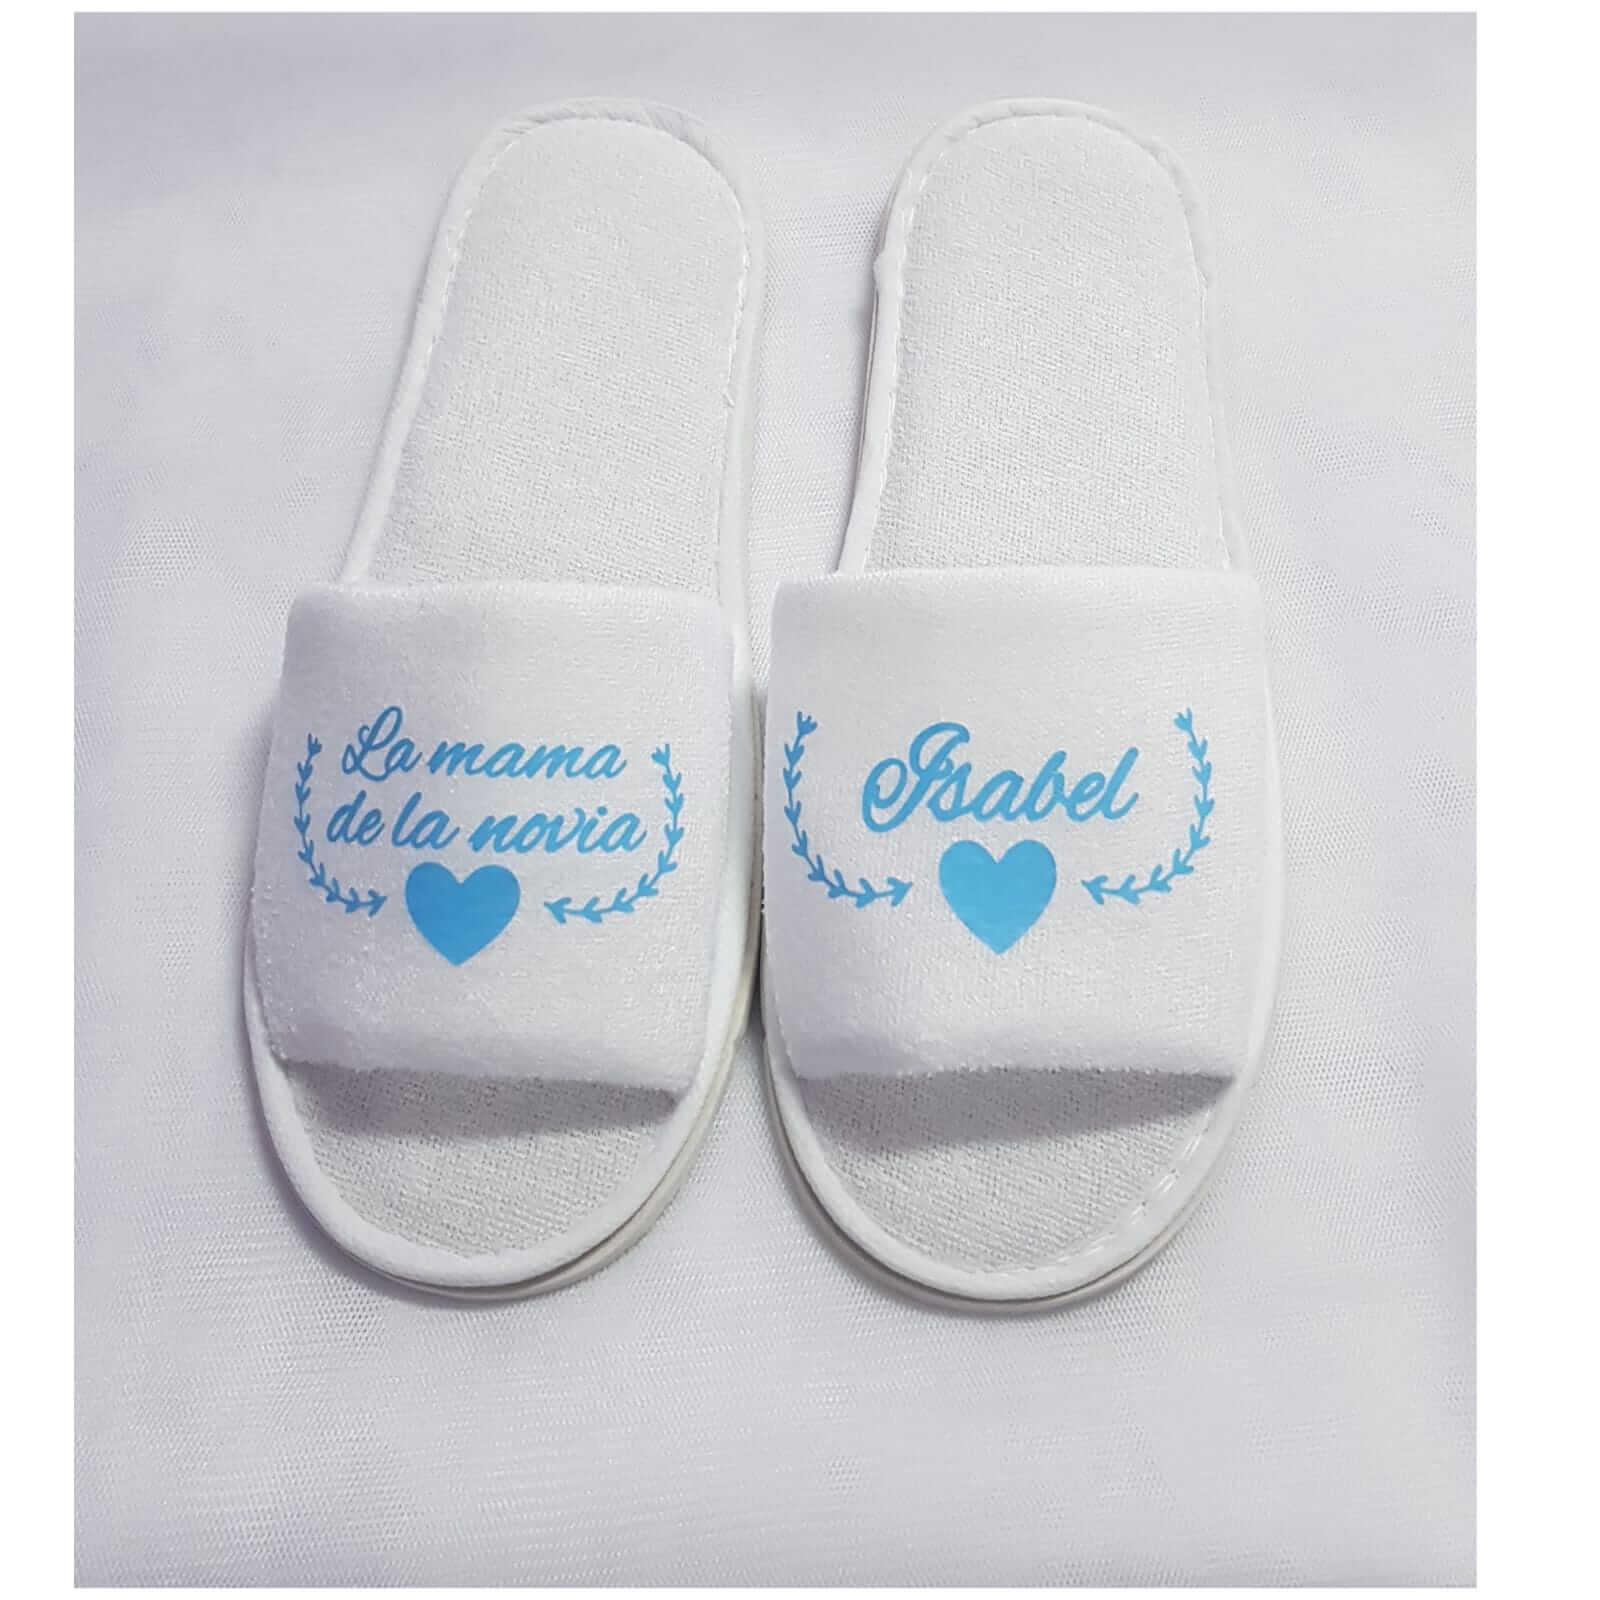 Zapatillas personalizadas novia zapatillas personalizadas novia - Zapatillas Personalizadas detalles boda porlanovia 3 - Zapatillas personalizadas novia | Zapatillas personalizadas boda